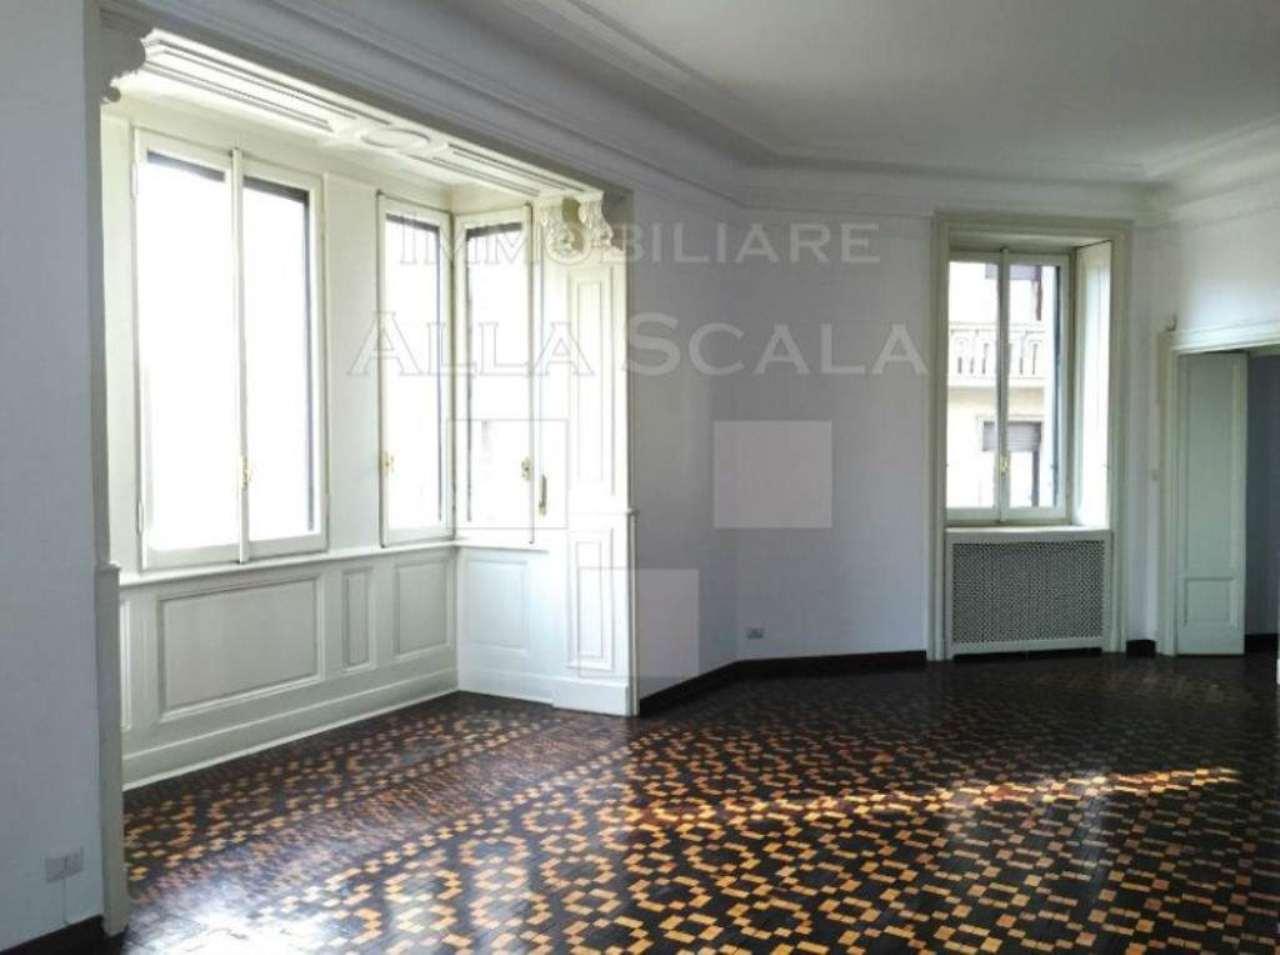 Appartamento in affitto a Milano, 5 locali, zona Zona: 1 . Centro Storico, Duomo, Brera, Cadorna, Cattolica, prezzo € 5.000 | Cambio Casa.it